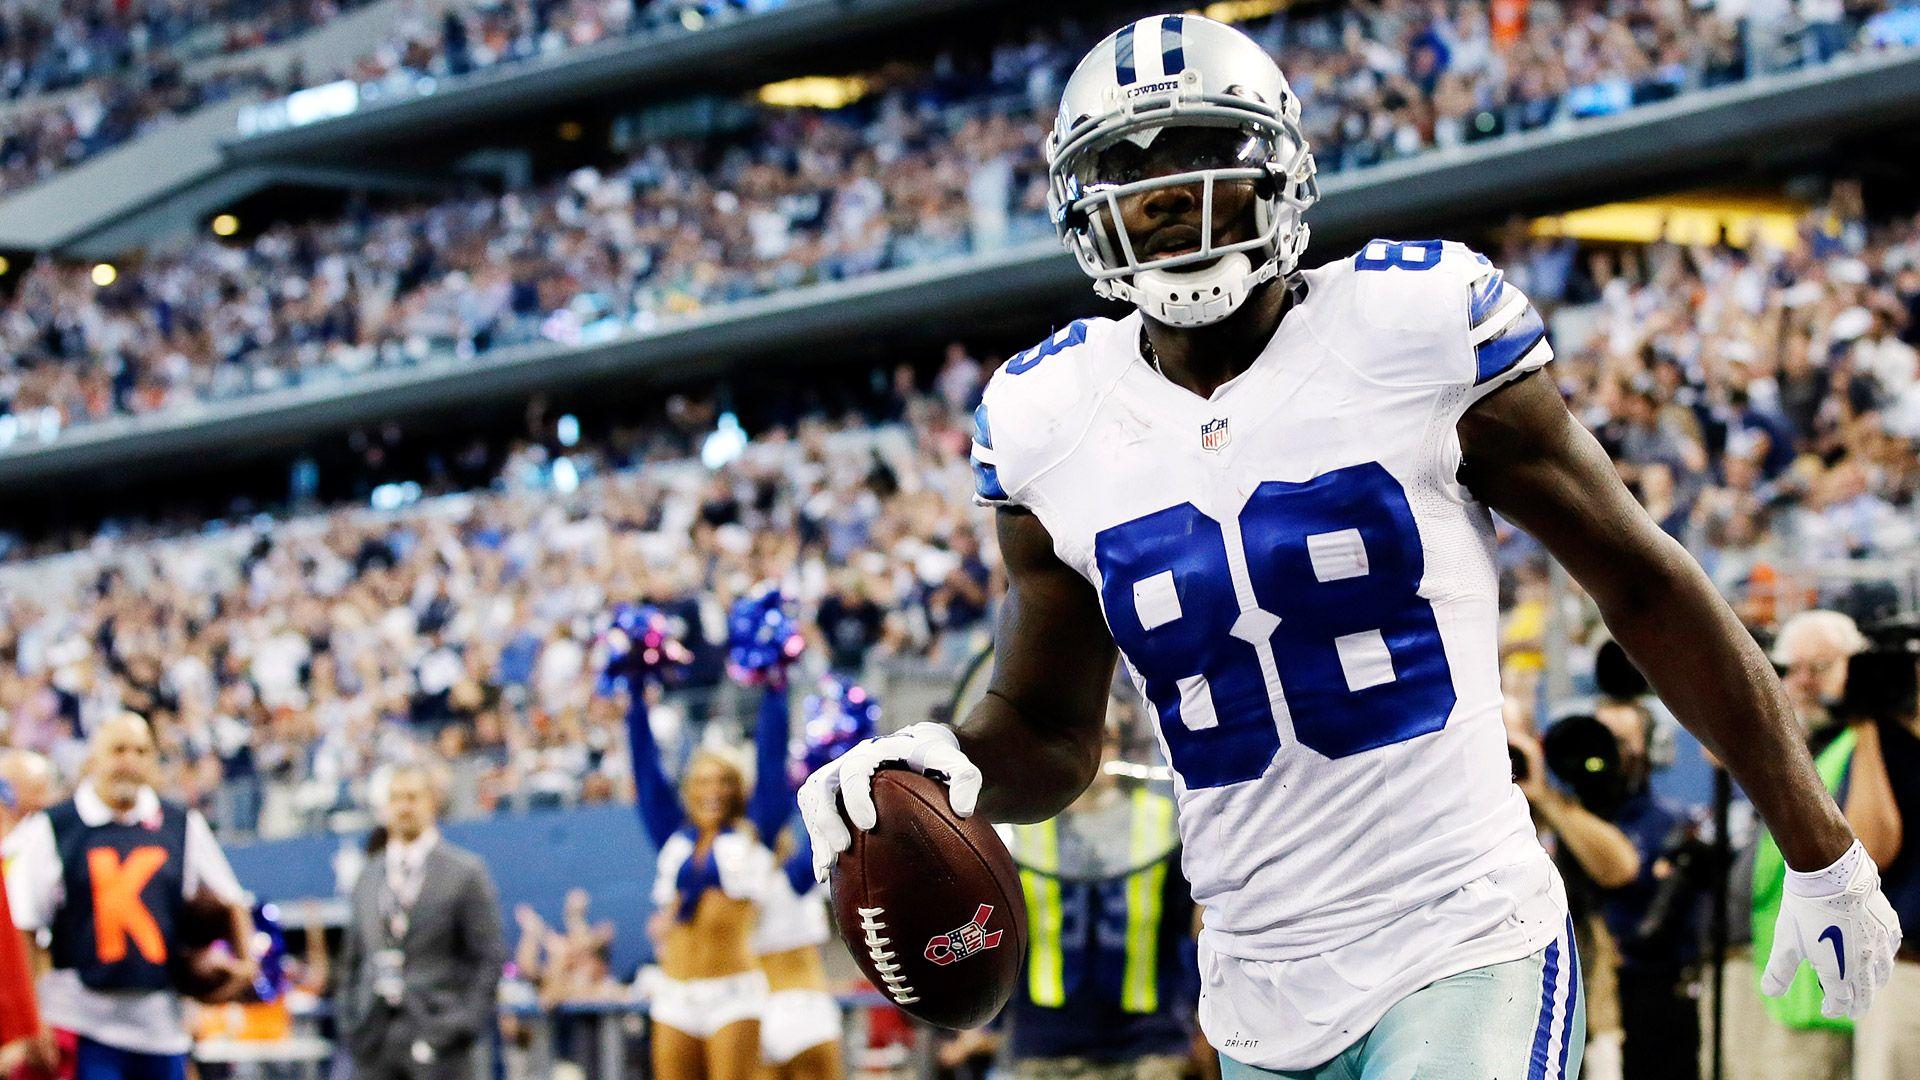 Cowboys Headlines - Cowboys Vs Buccaneers Week 15 Game Flexed, Extends Streak of Prime Time Match Ups